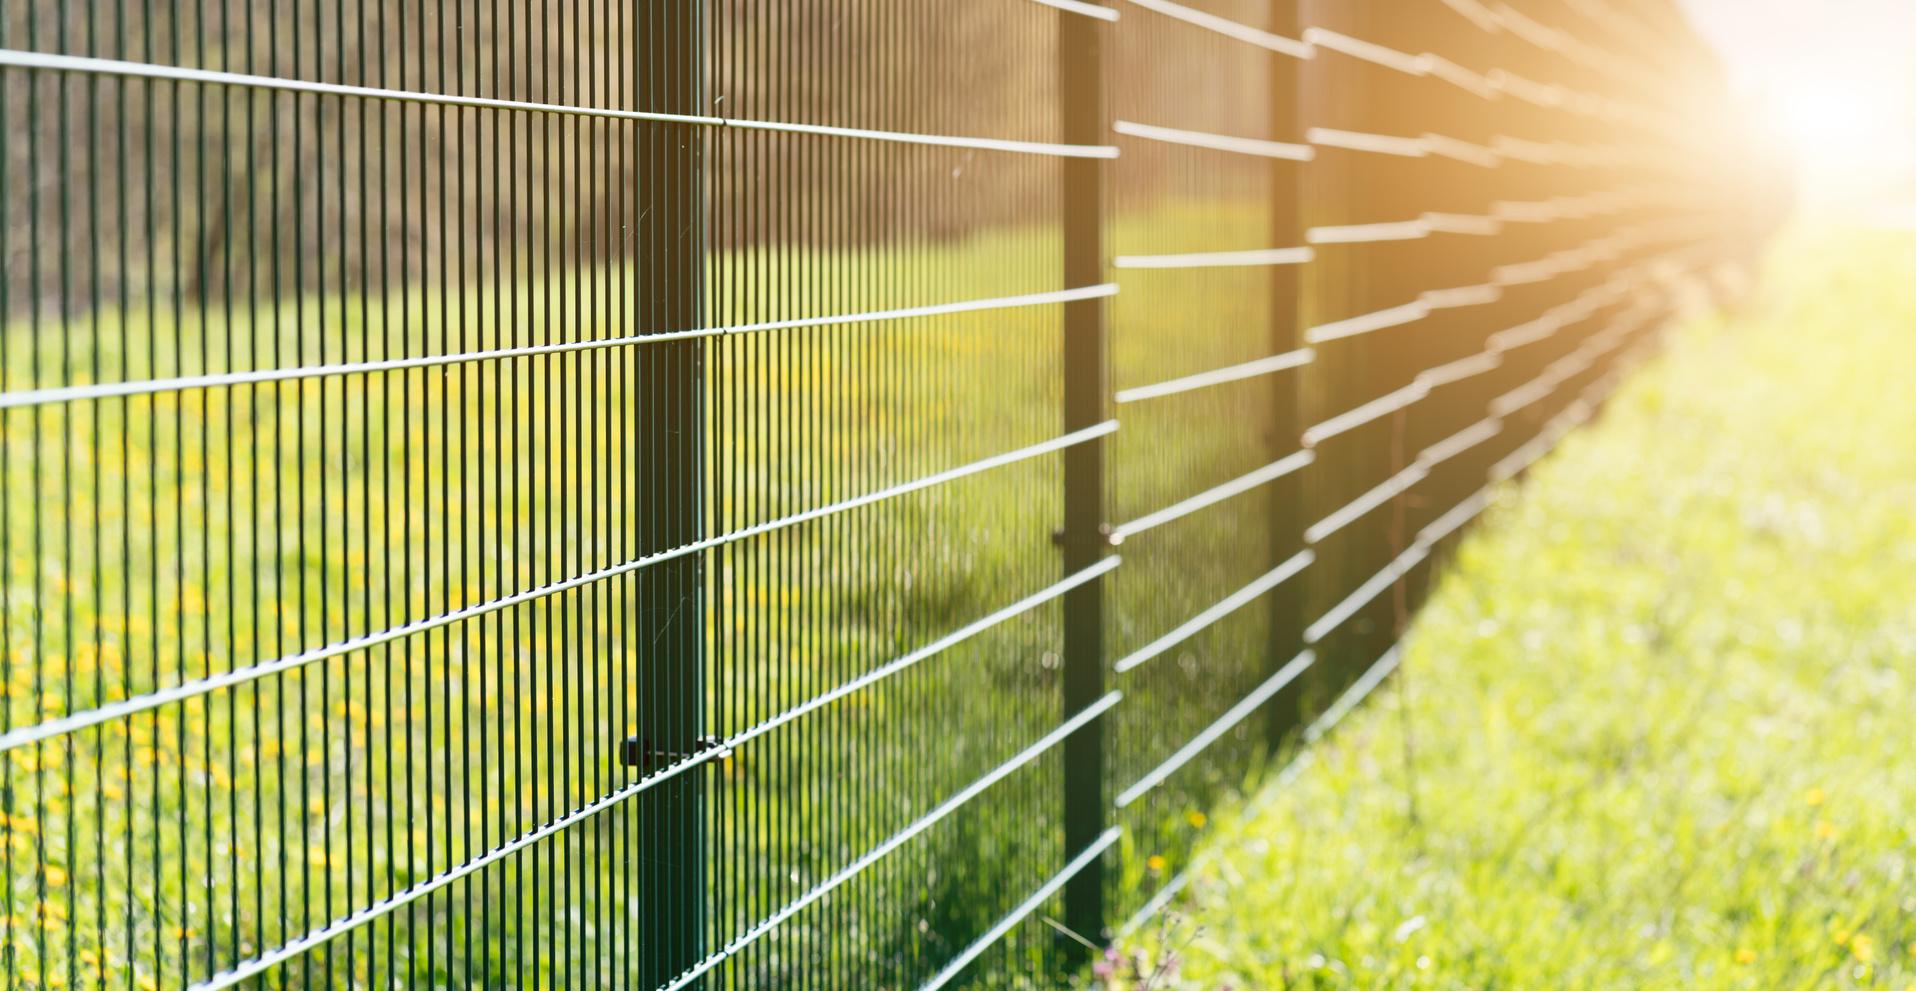 Tanie ogrodzenia panelowe